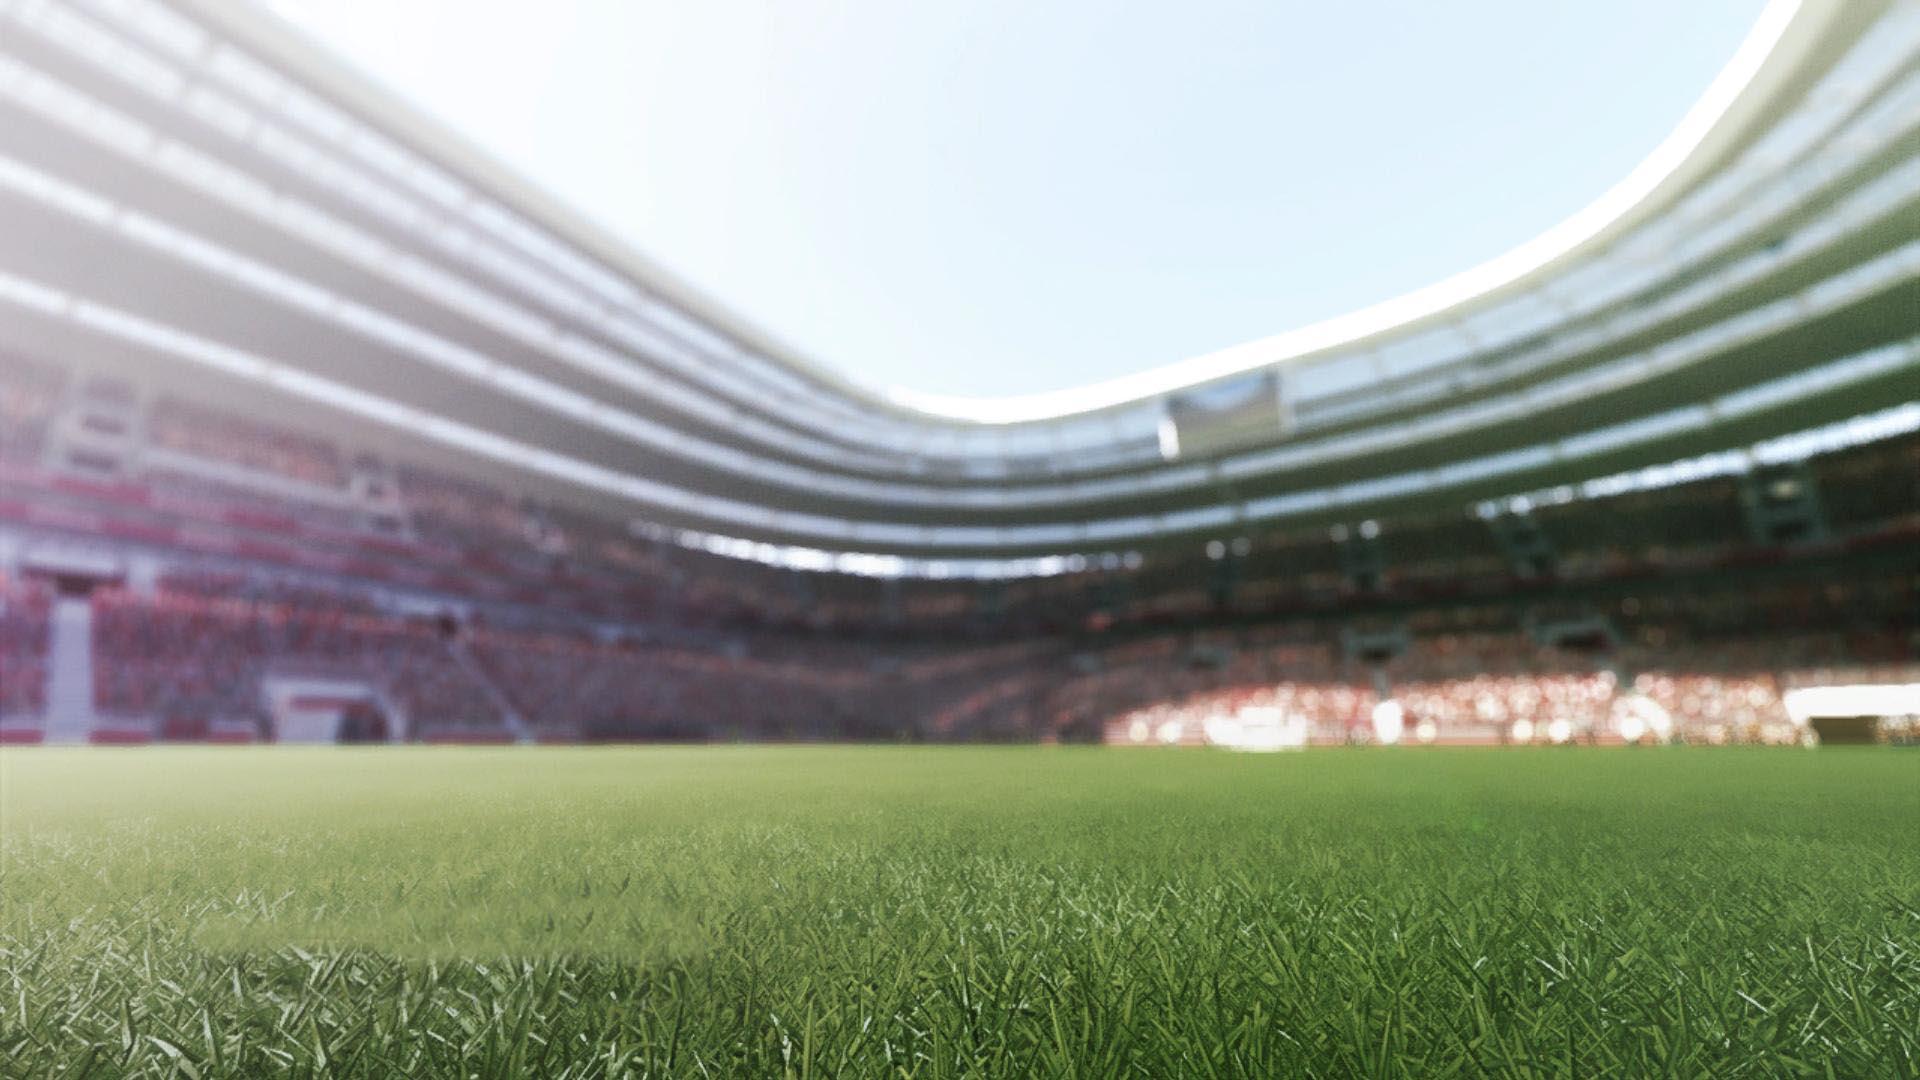 Wallpapers, fond d'ecran pour Pro Evolution Soccer 2014 PC ...